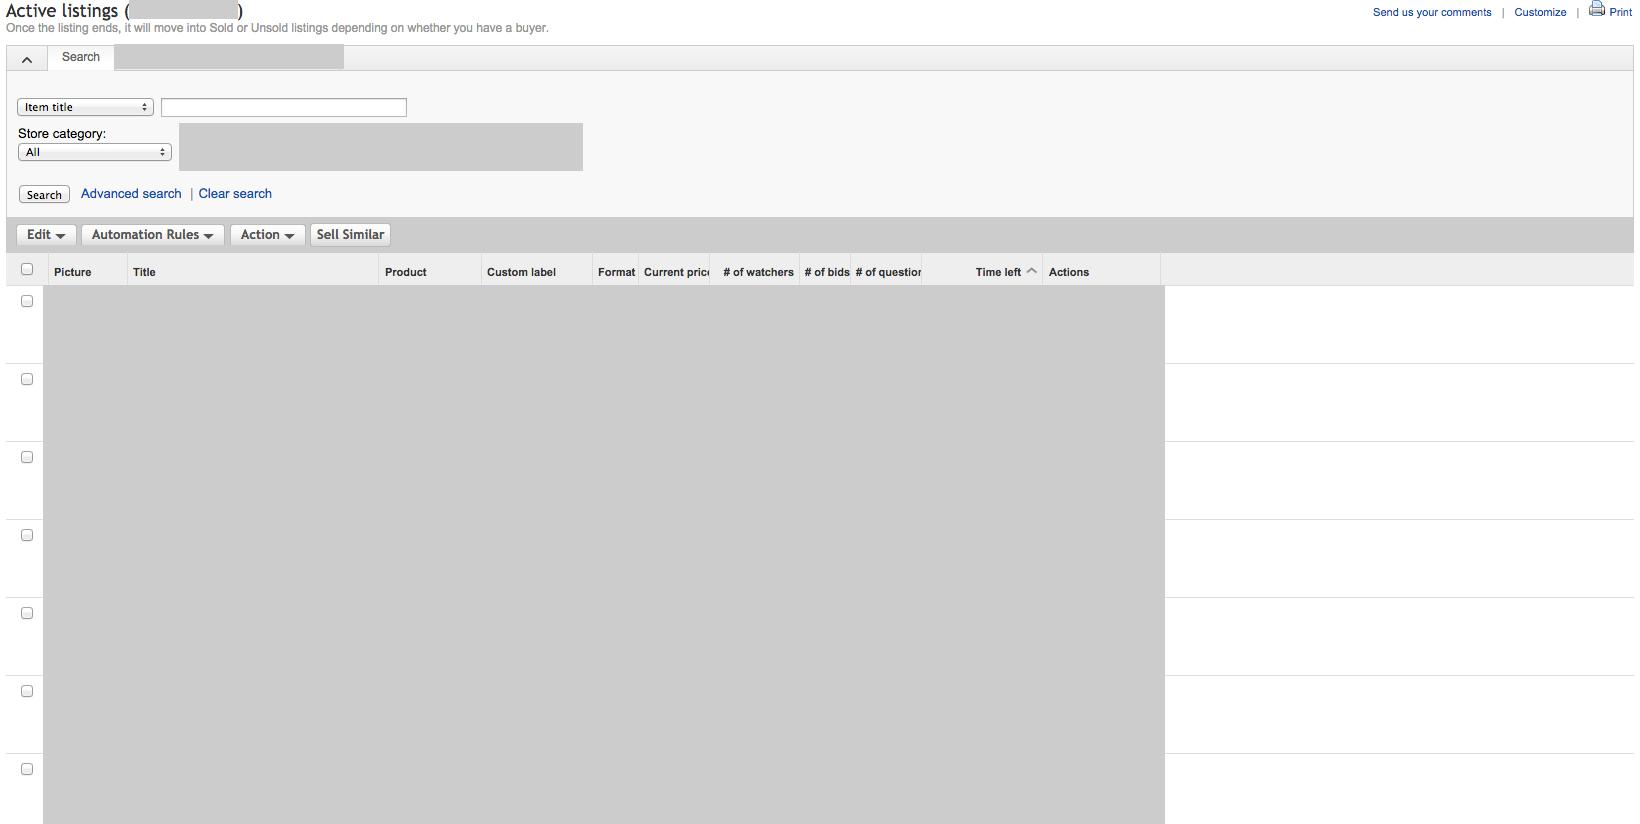 スクリーンショット 2014-09-04 23.03.24